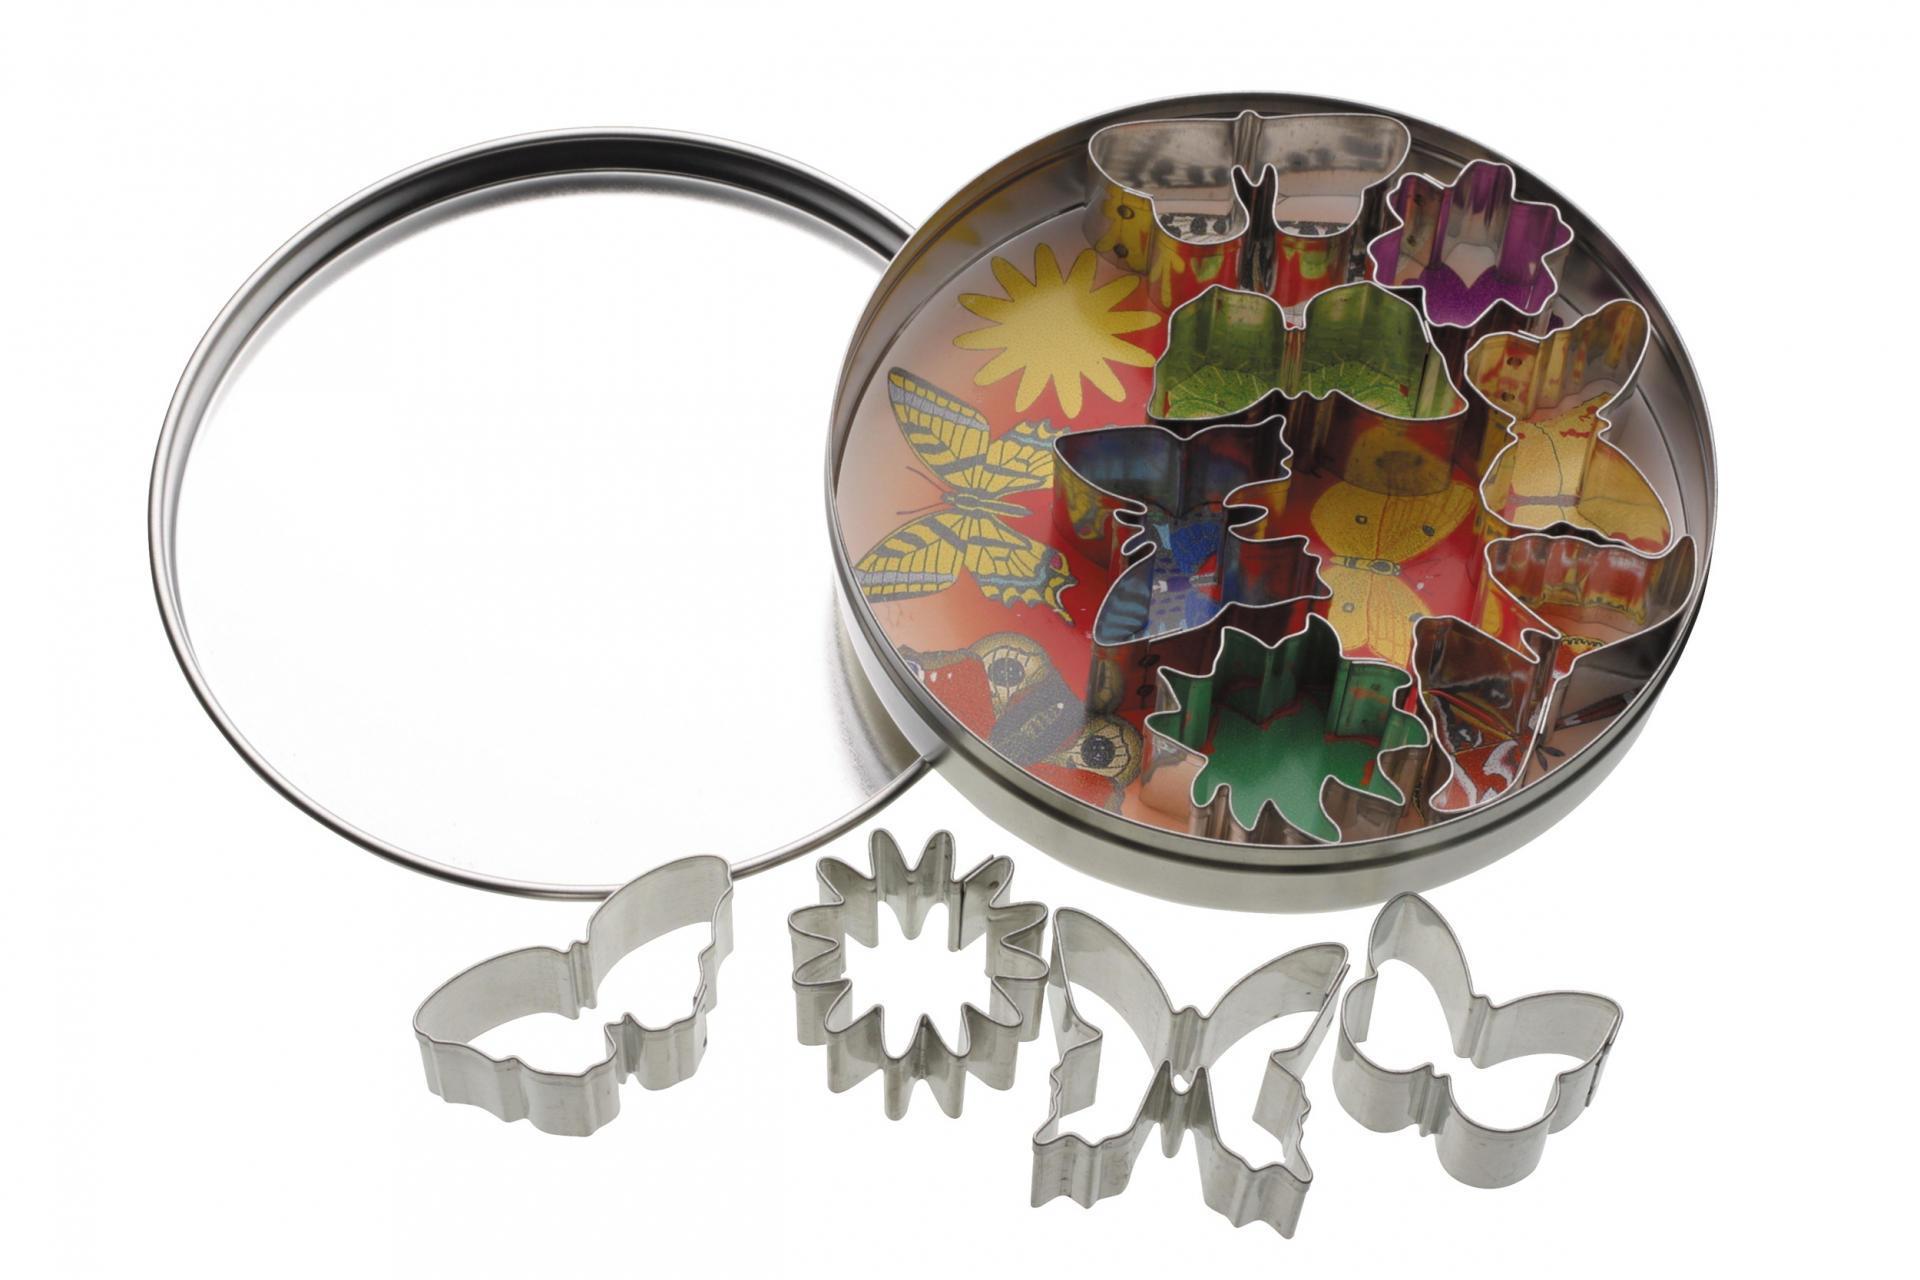 Kitchen Craft Vykrajovátka v dózičce - květiny a motýli - 11 ks, stříbrná barva, kov